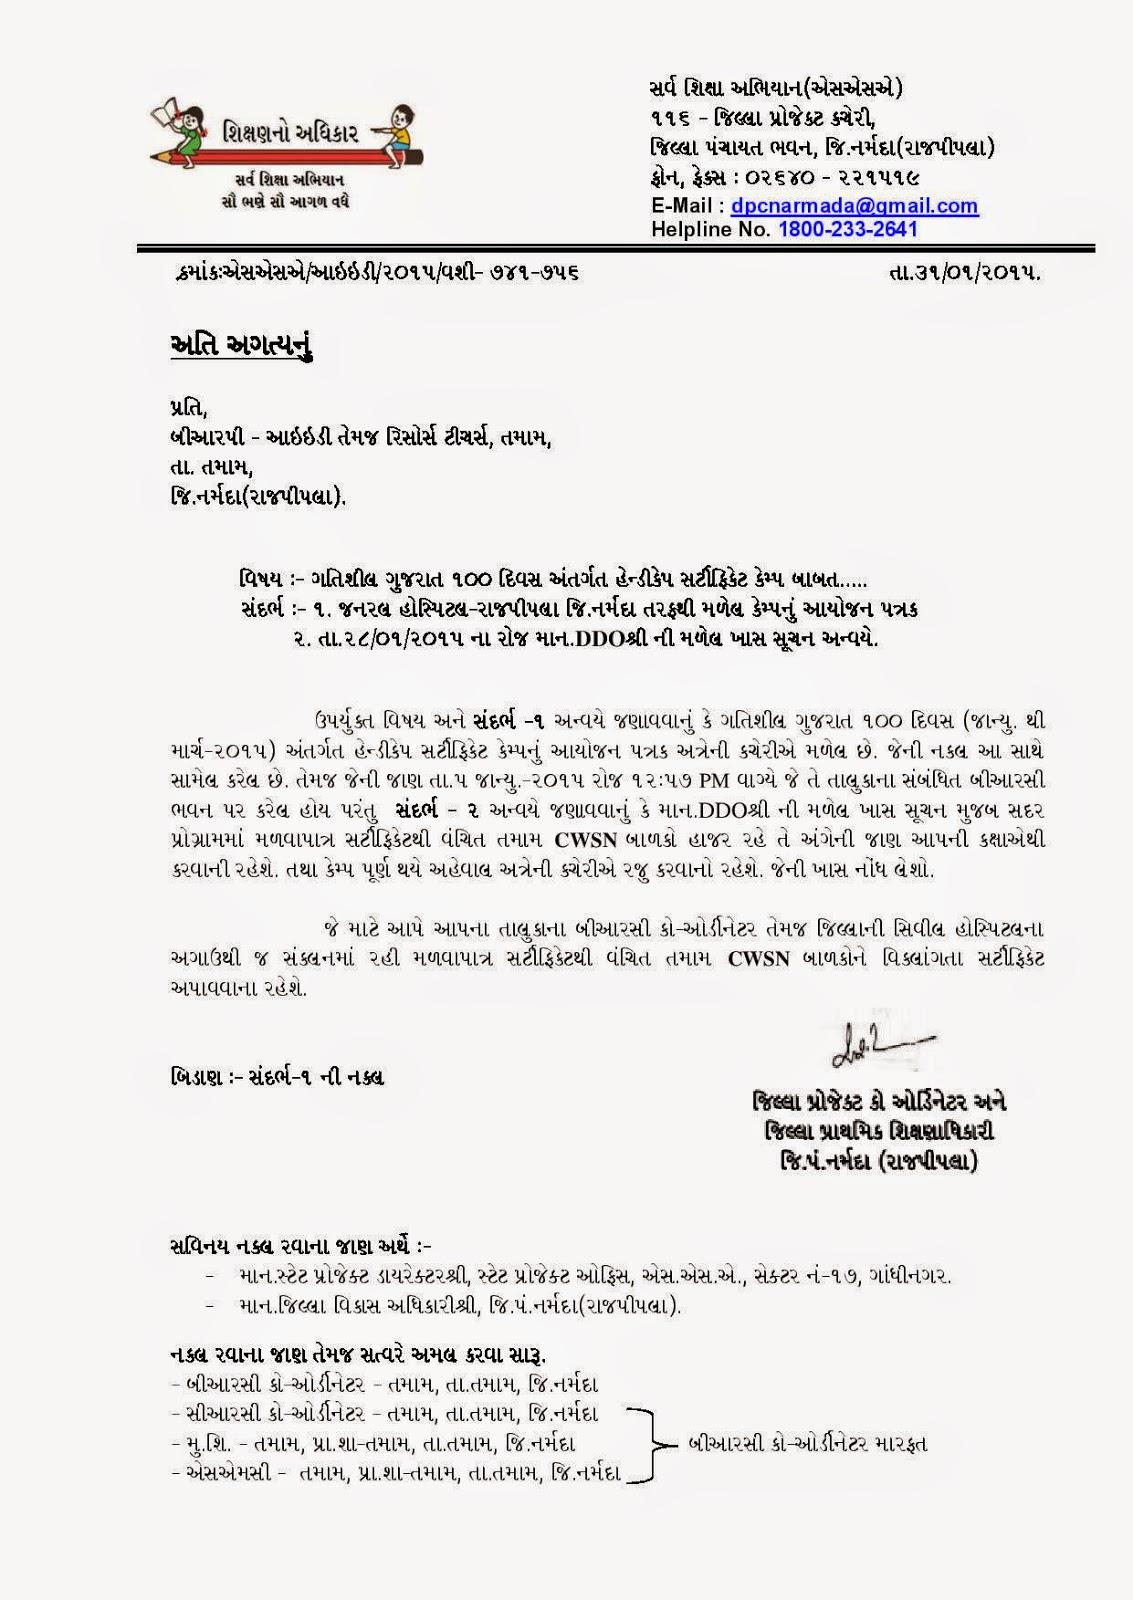 ગતિશીલ ગુજરાત અંતગત વિકલાંગ બાળકોને સર્ટી આપવા  માતે કેમ્પનુ આયોજન કરવા બાબત પરીપત્ર નર્મદા જીલ્લો